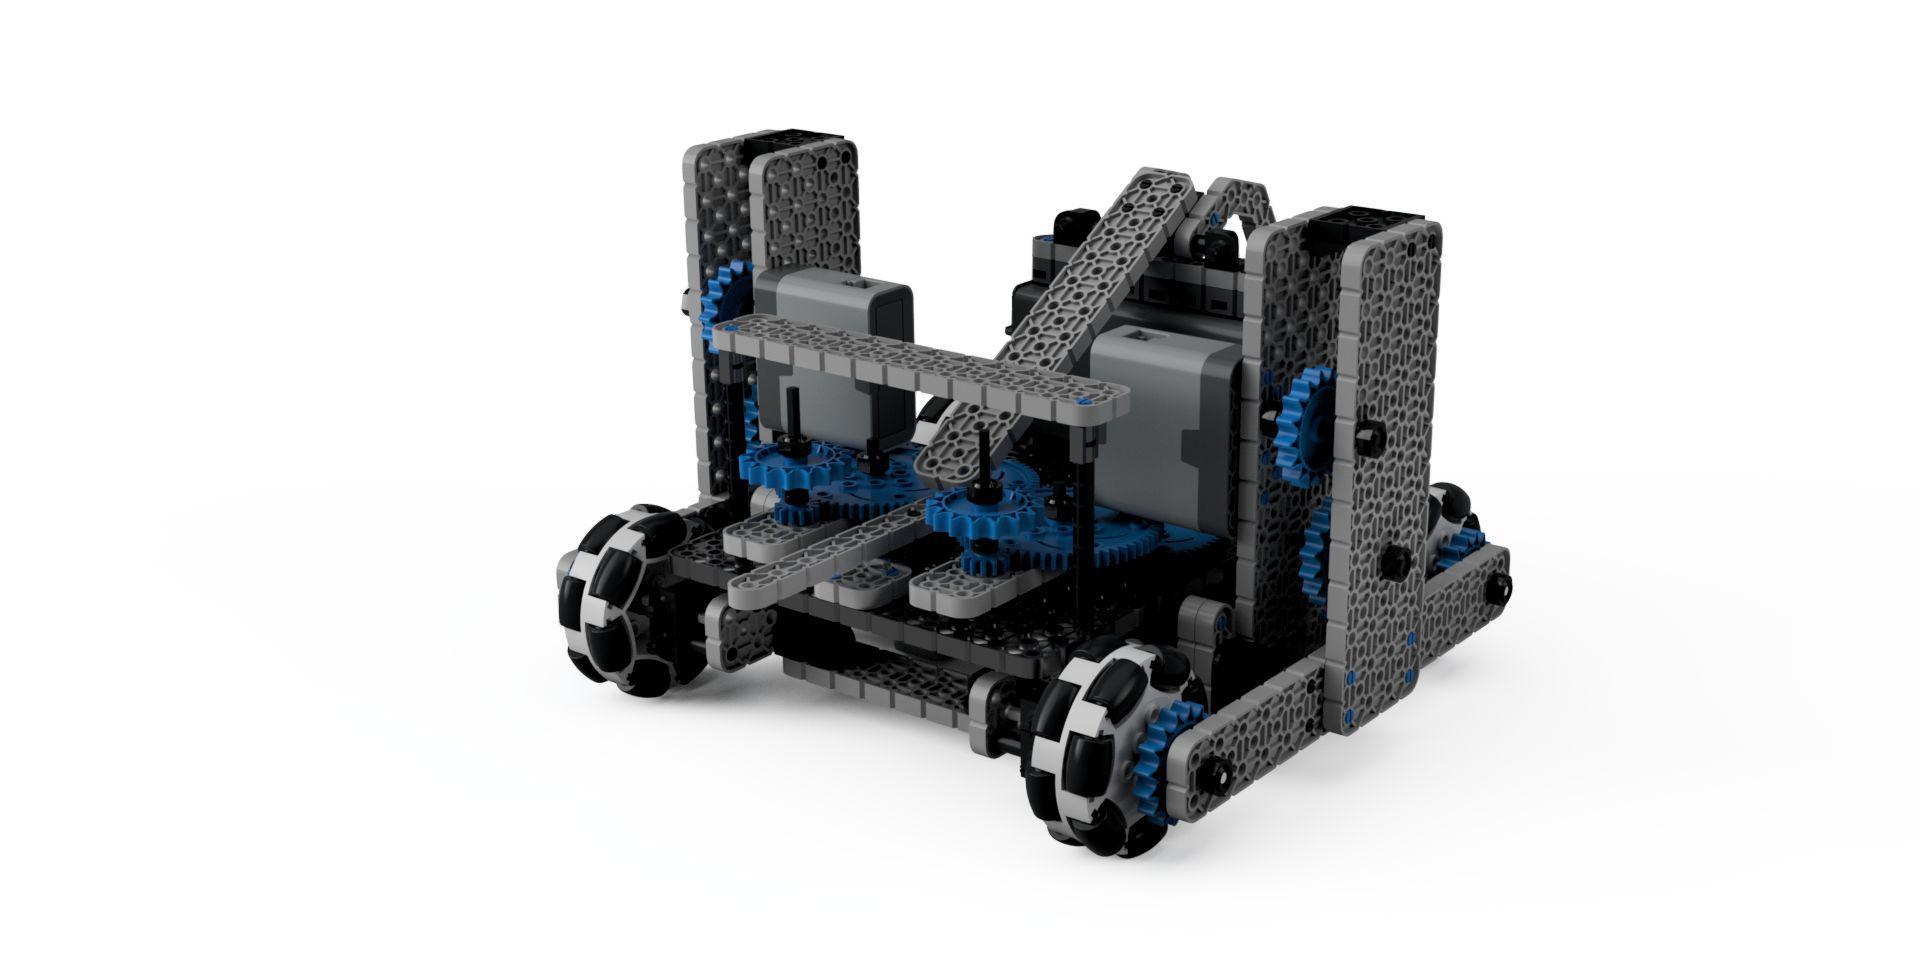 Vex-iq---ball-trigger-robot-v18yu-3500-3500